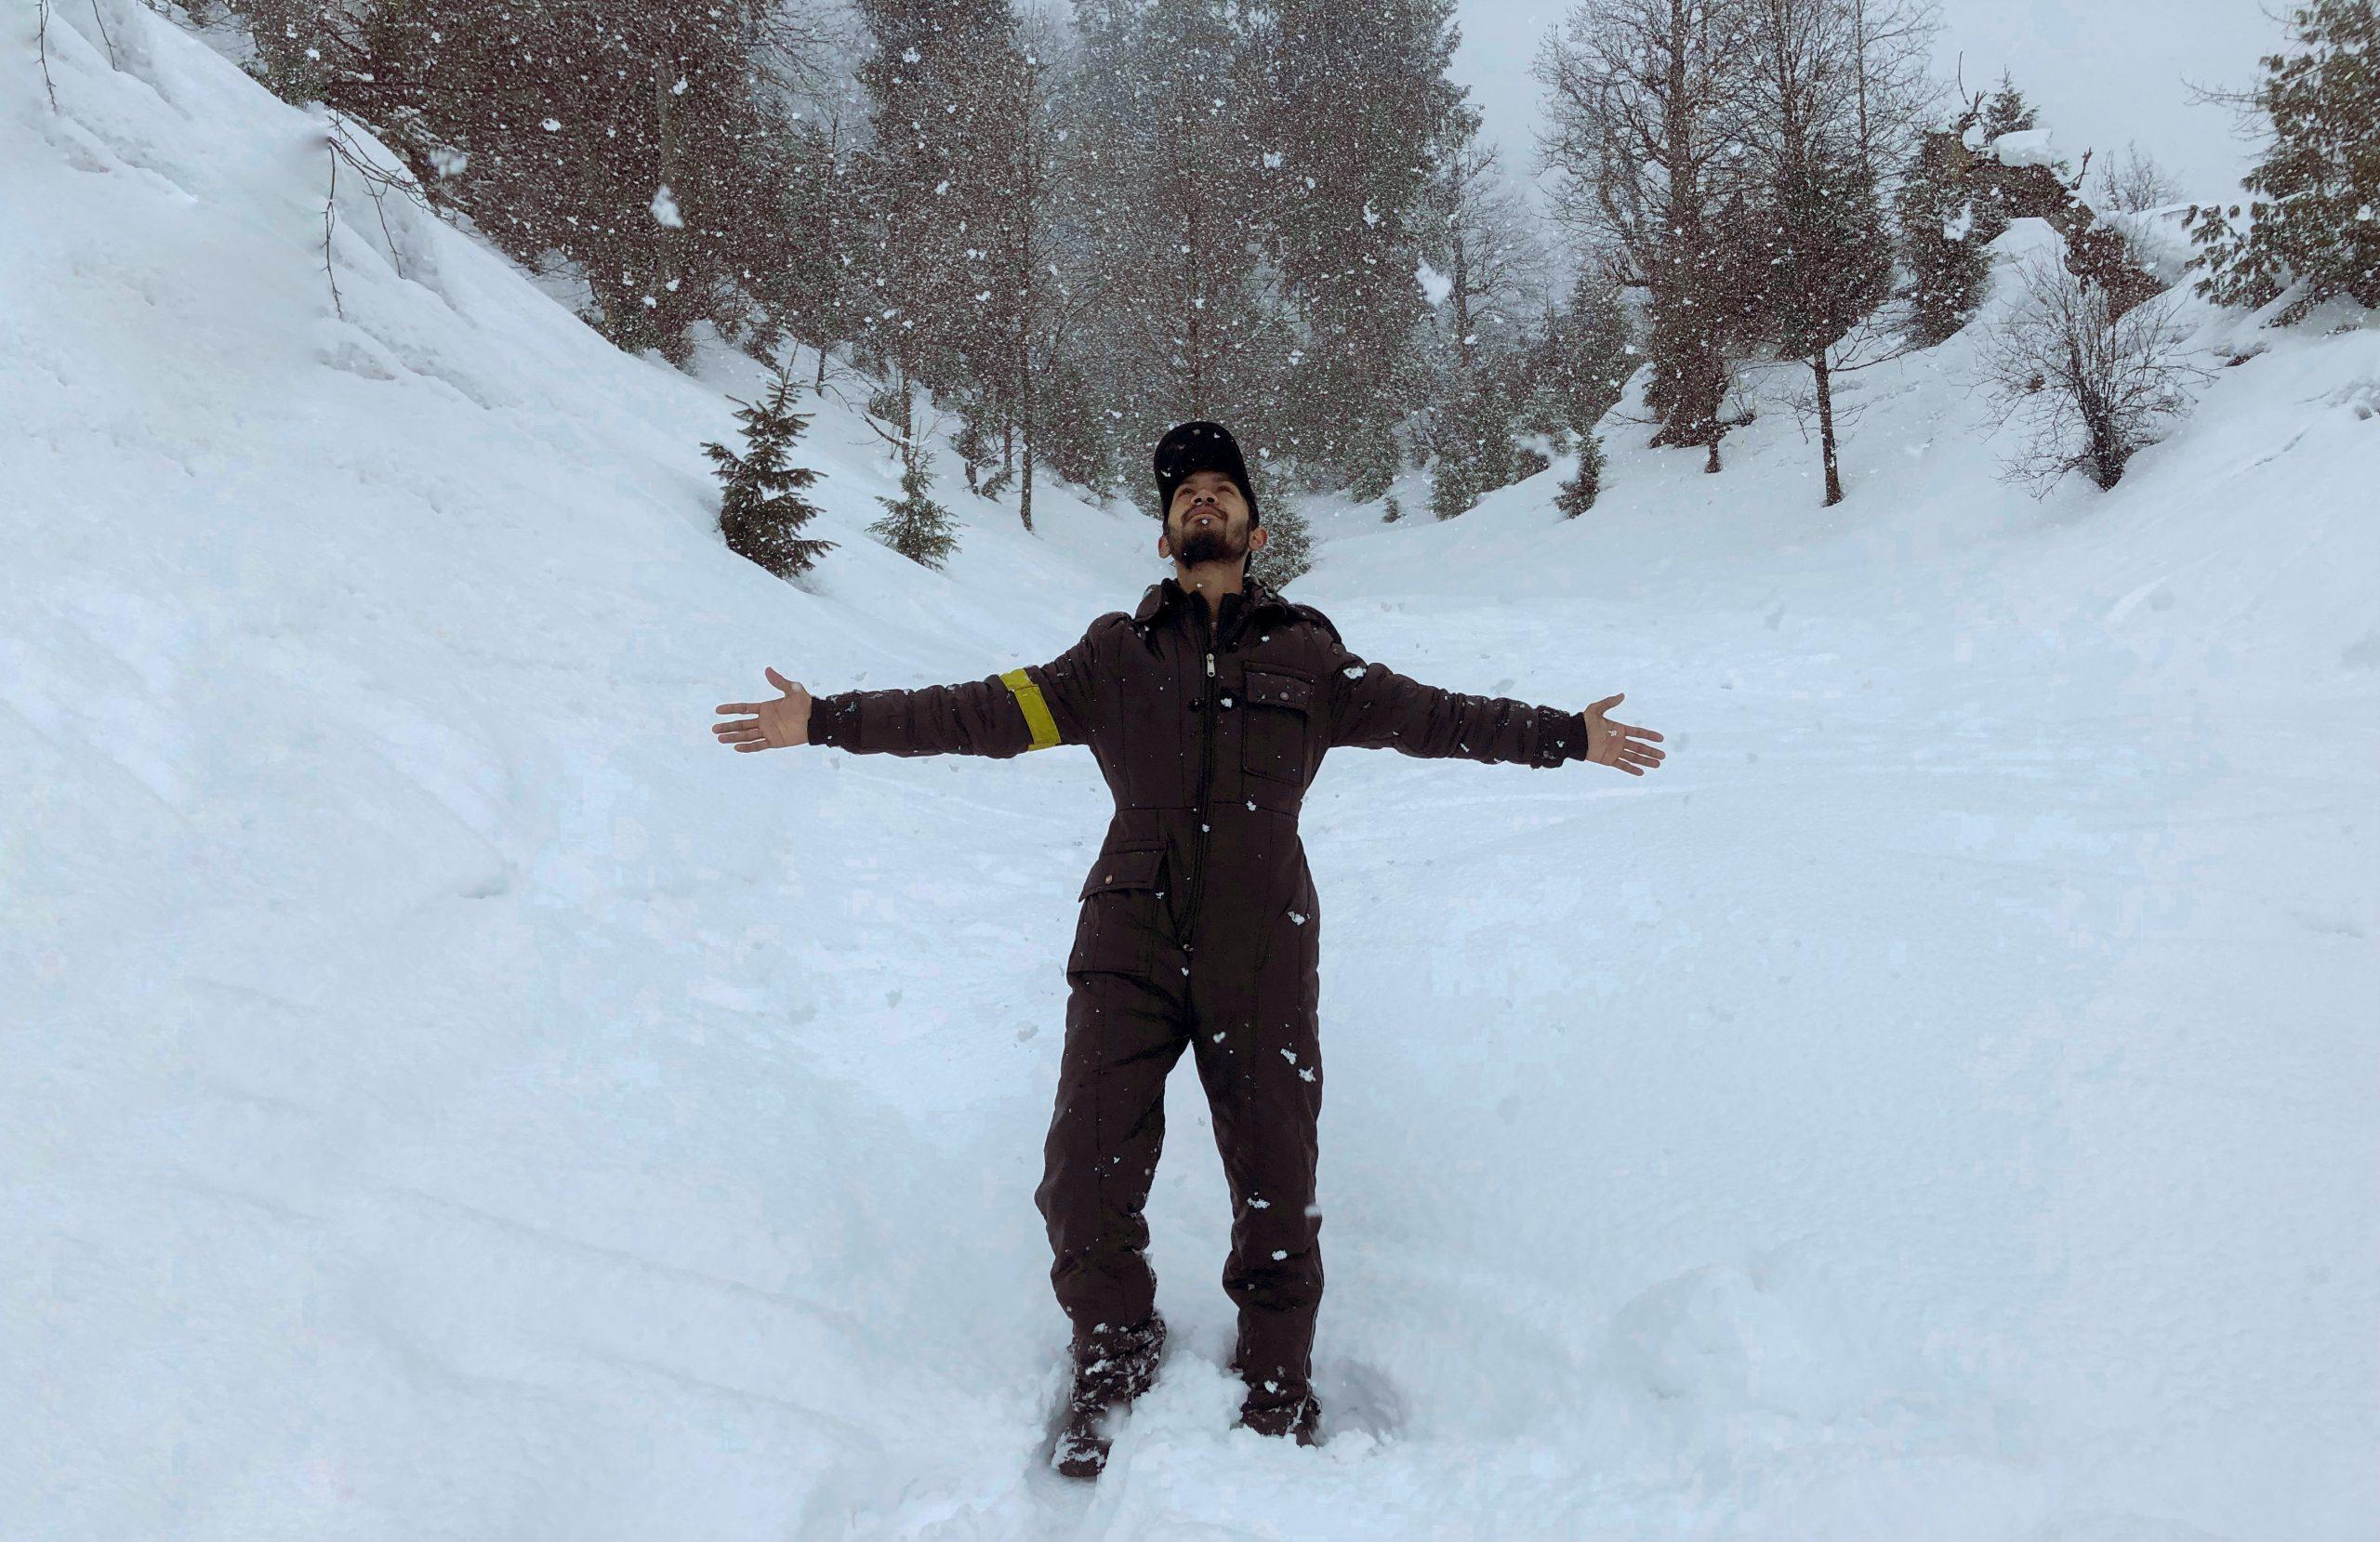 A man enjoying snowfall at the mountain.